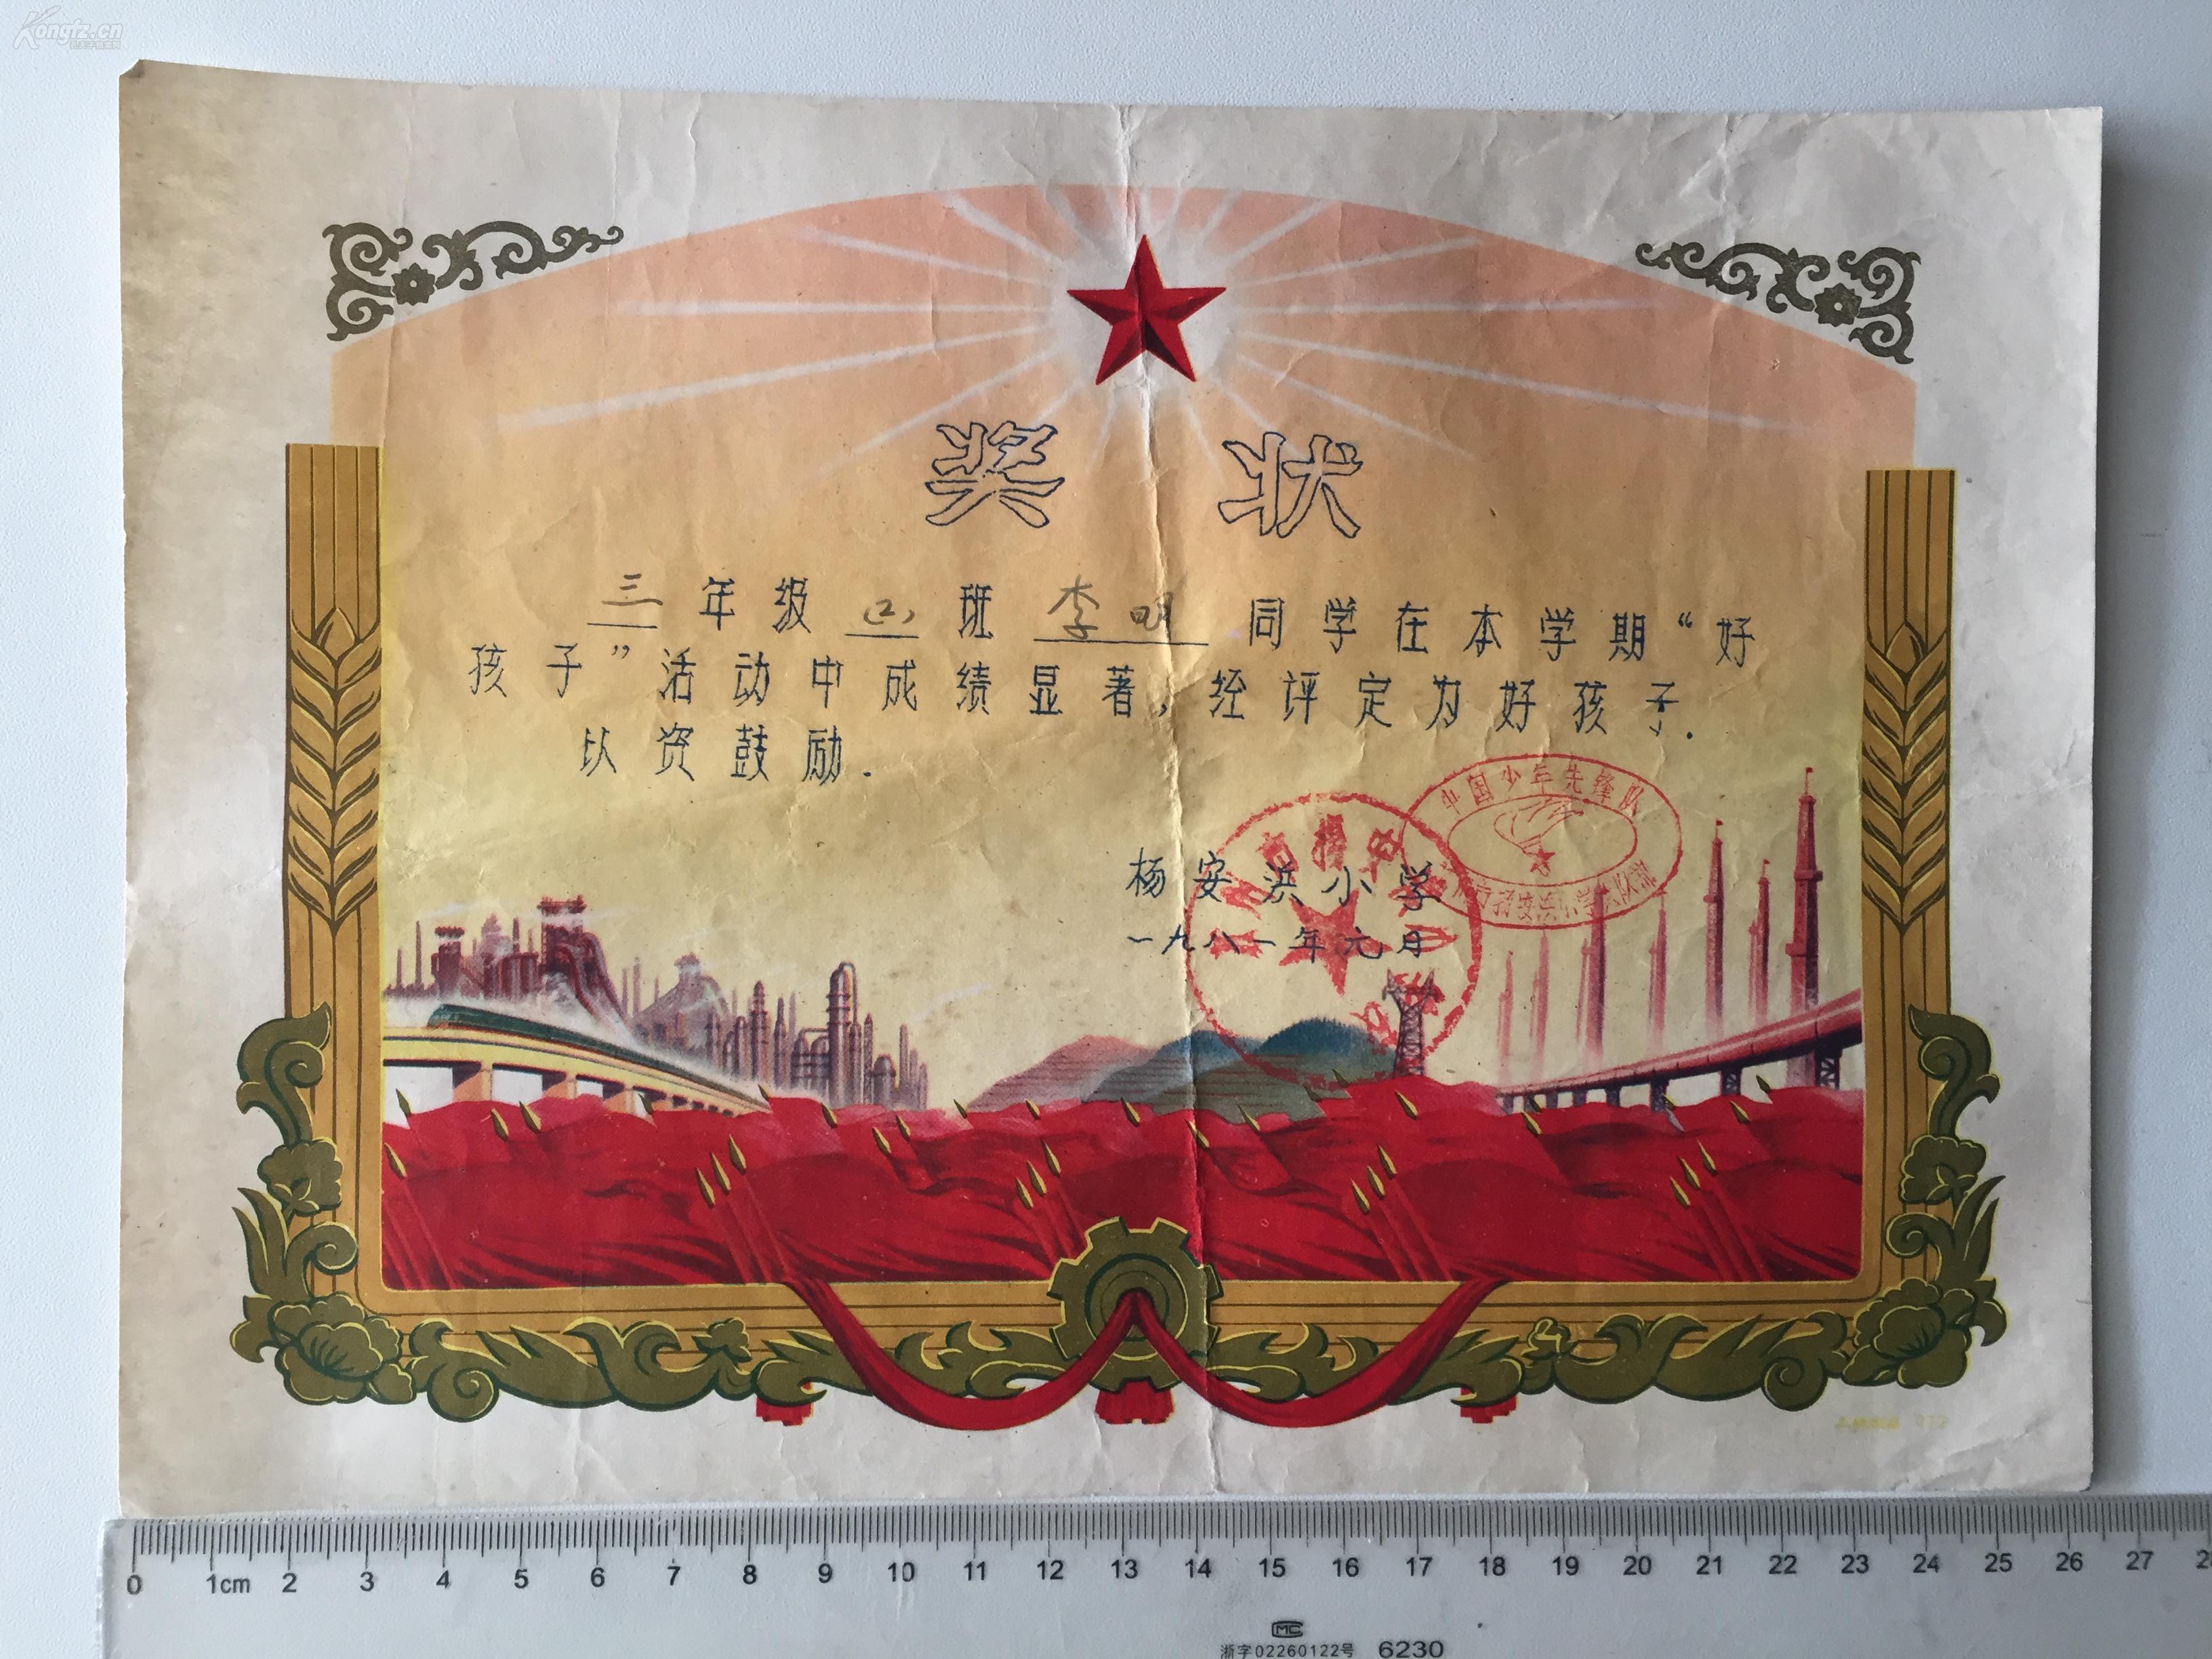 1981年苏州市苏州浜梦想《小学》盖有:杨家的奖状诗歌小学生图片